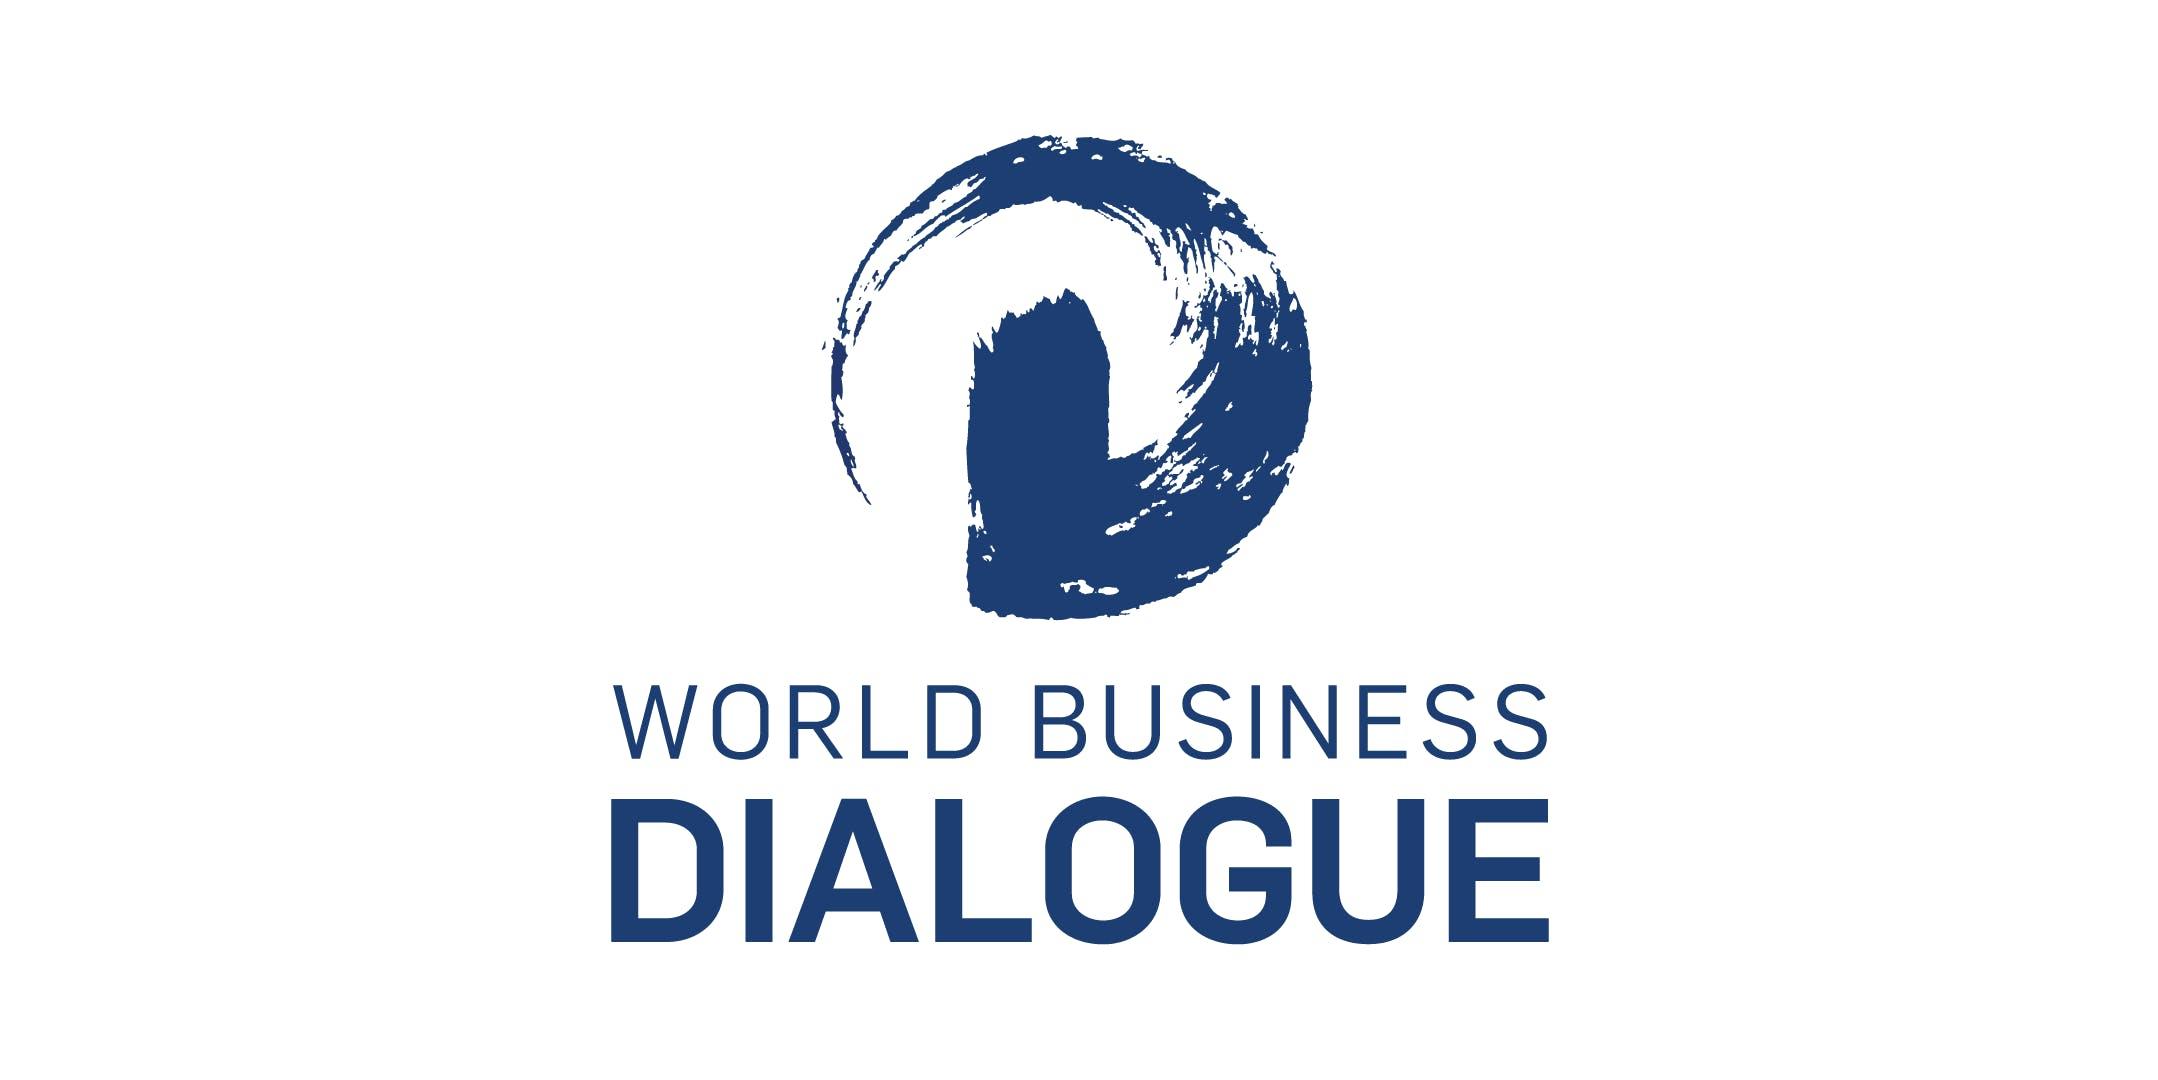 22nd World Business Dialogue 2019